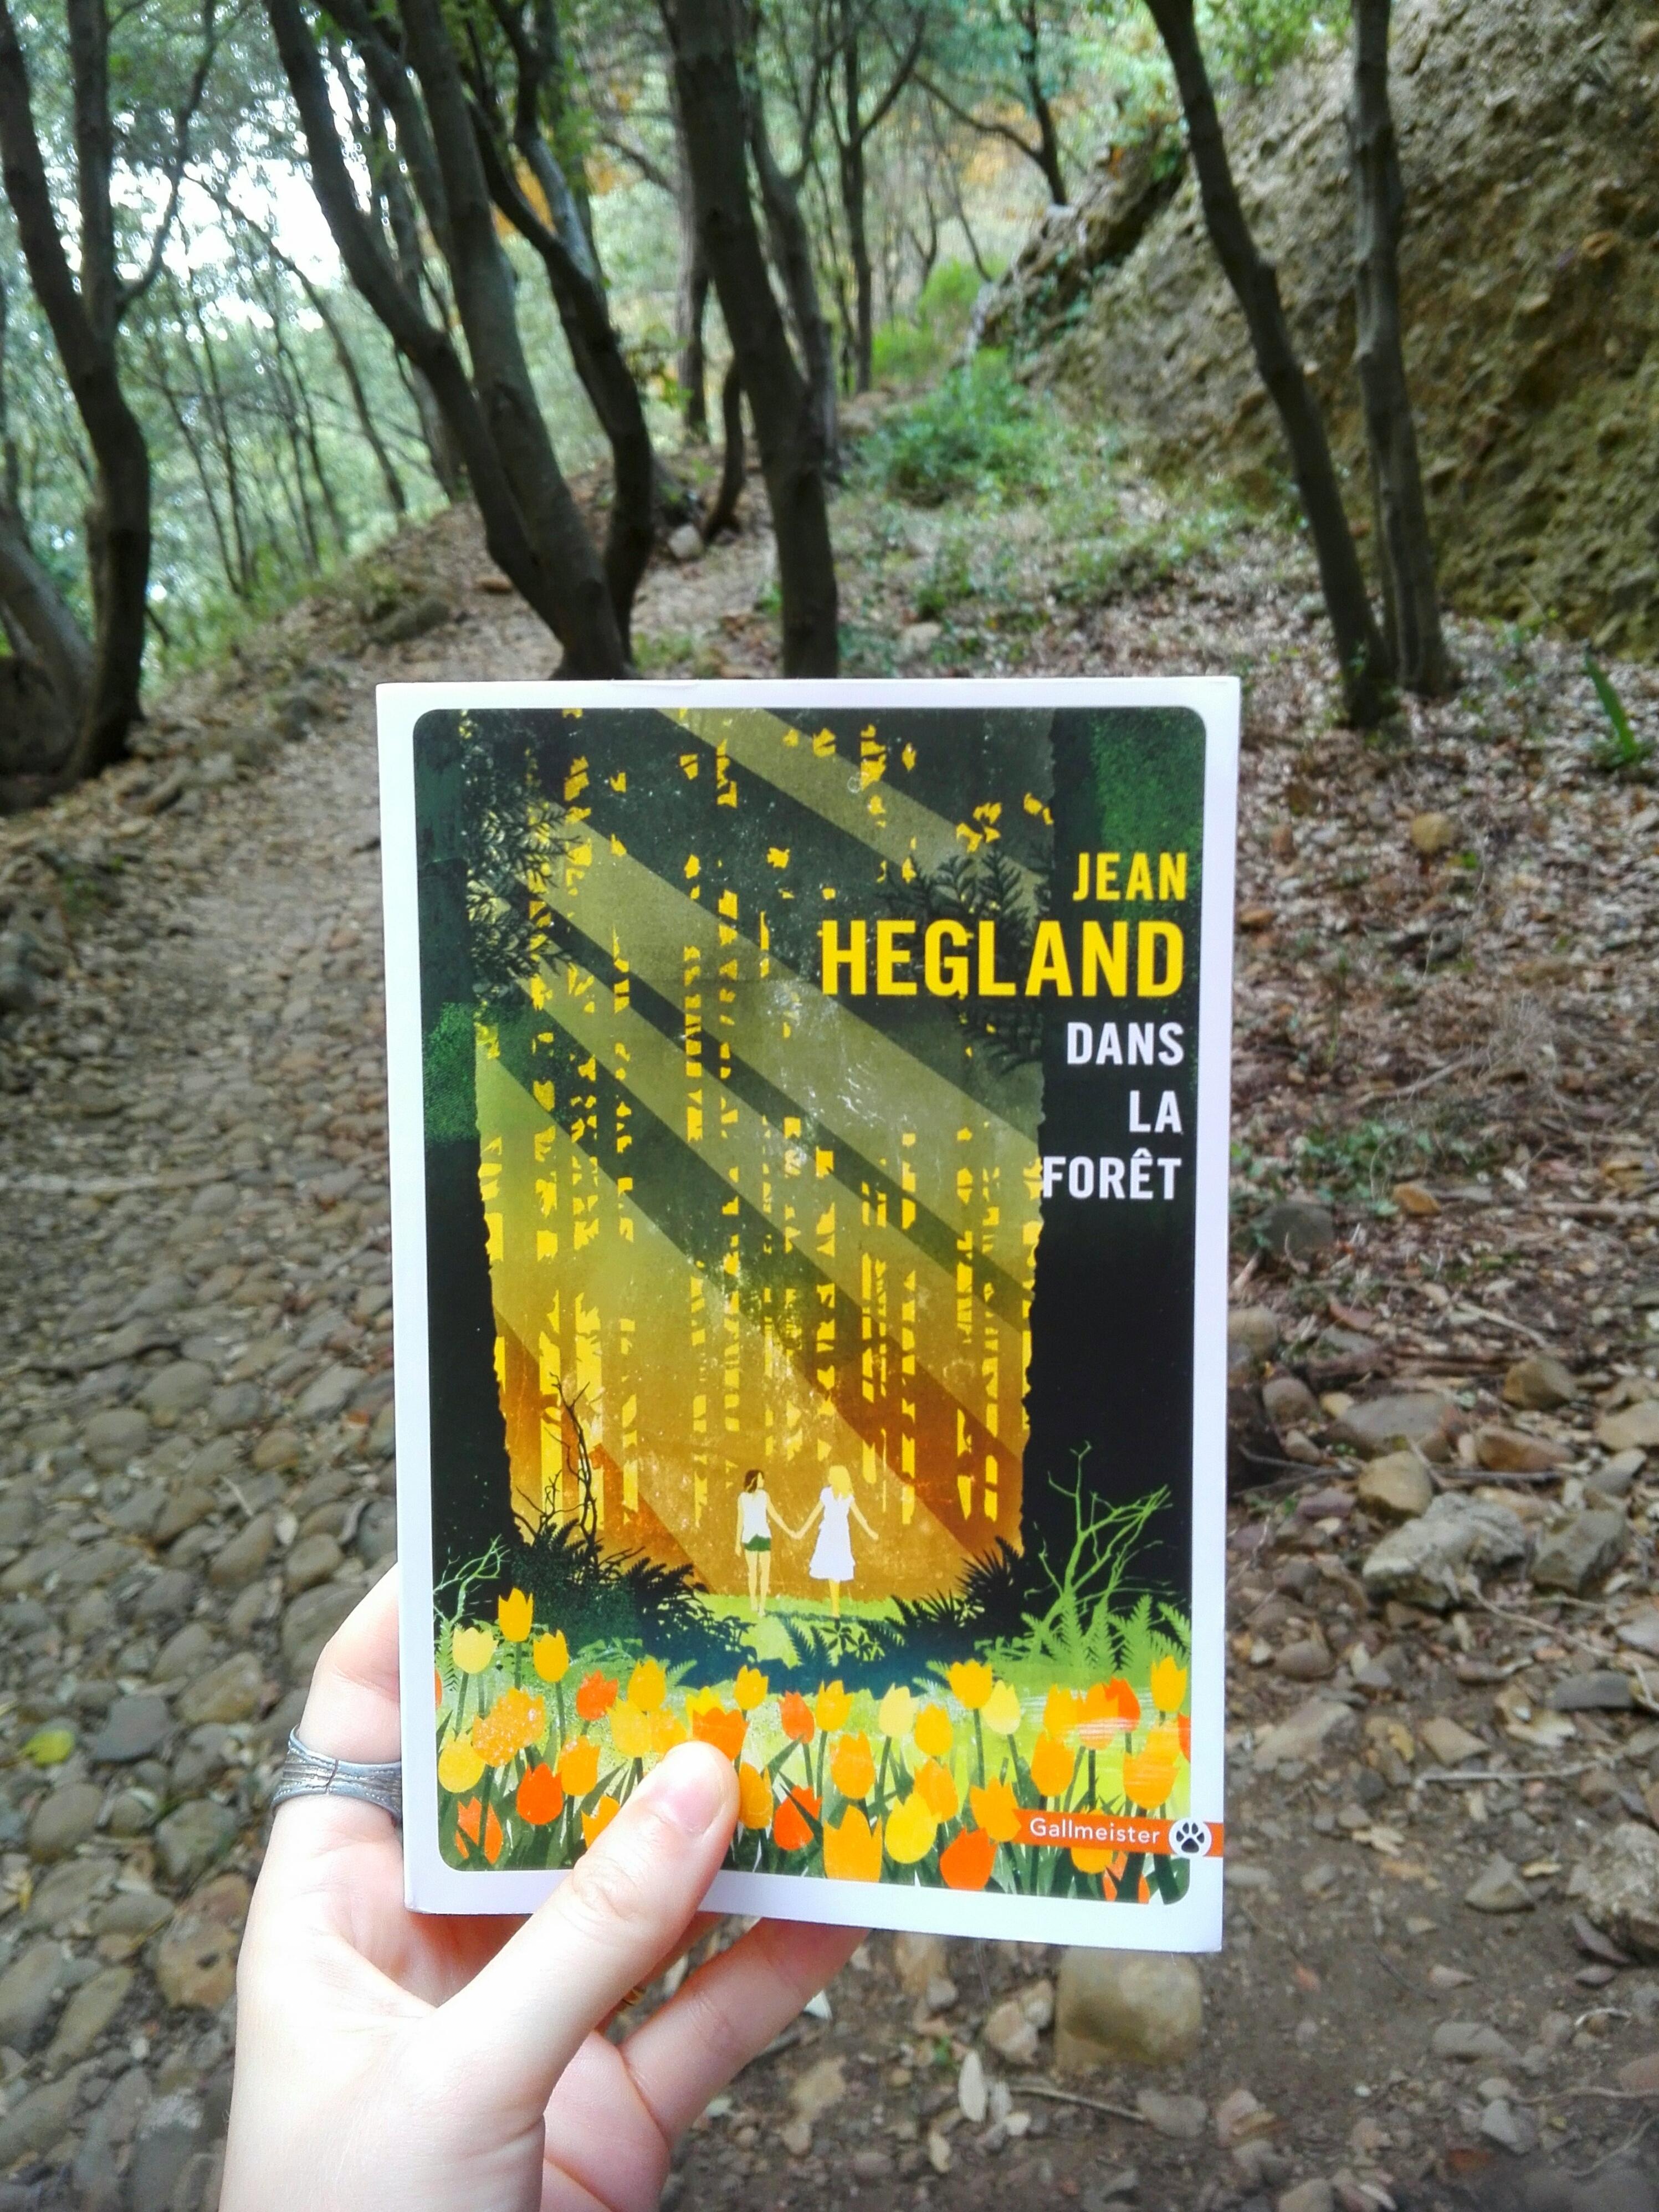 Dans La Foret Jean Hegland : foret, hegland, Forêt–, Hegland, Pages, Versicolores